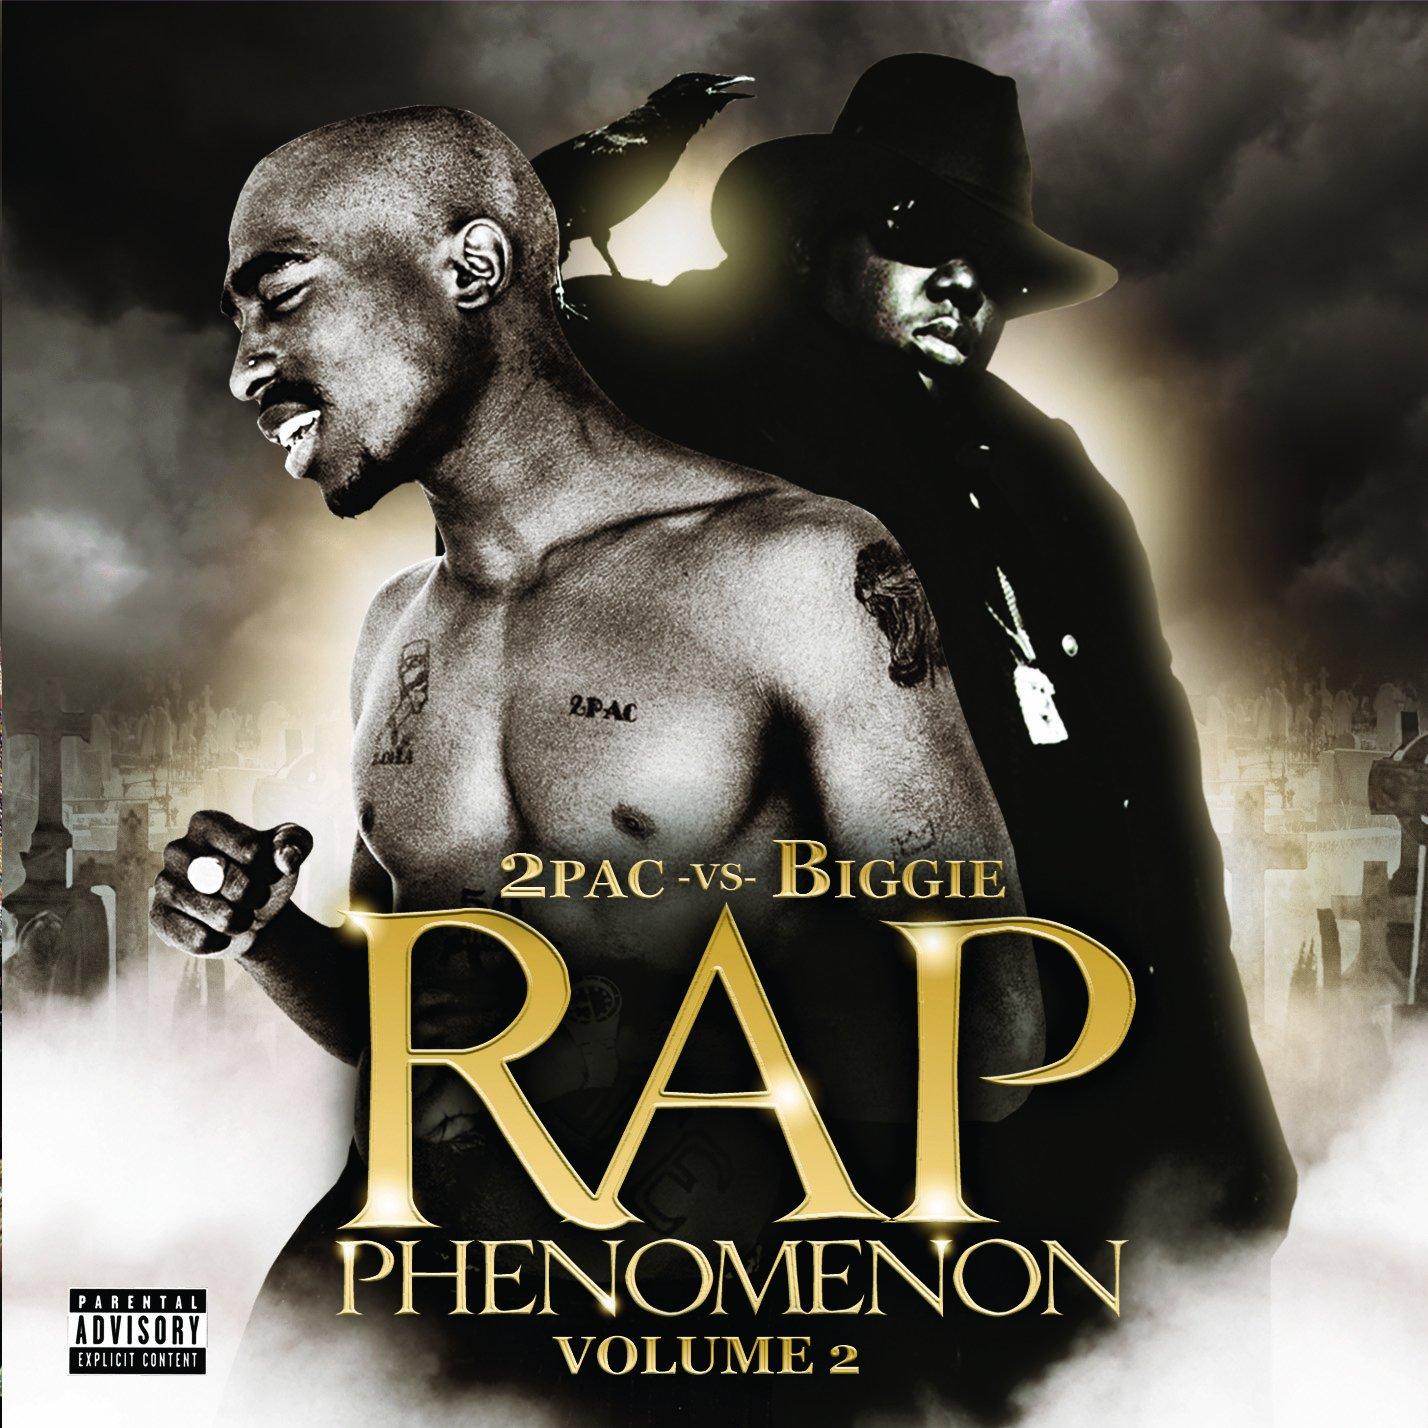 Vol. 2-Rap Phenomenon                                                                                                                                                                                                                                                    <span class=